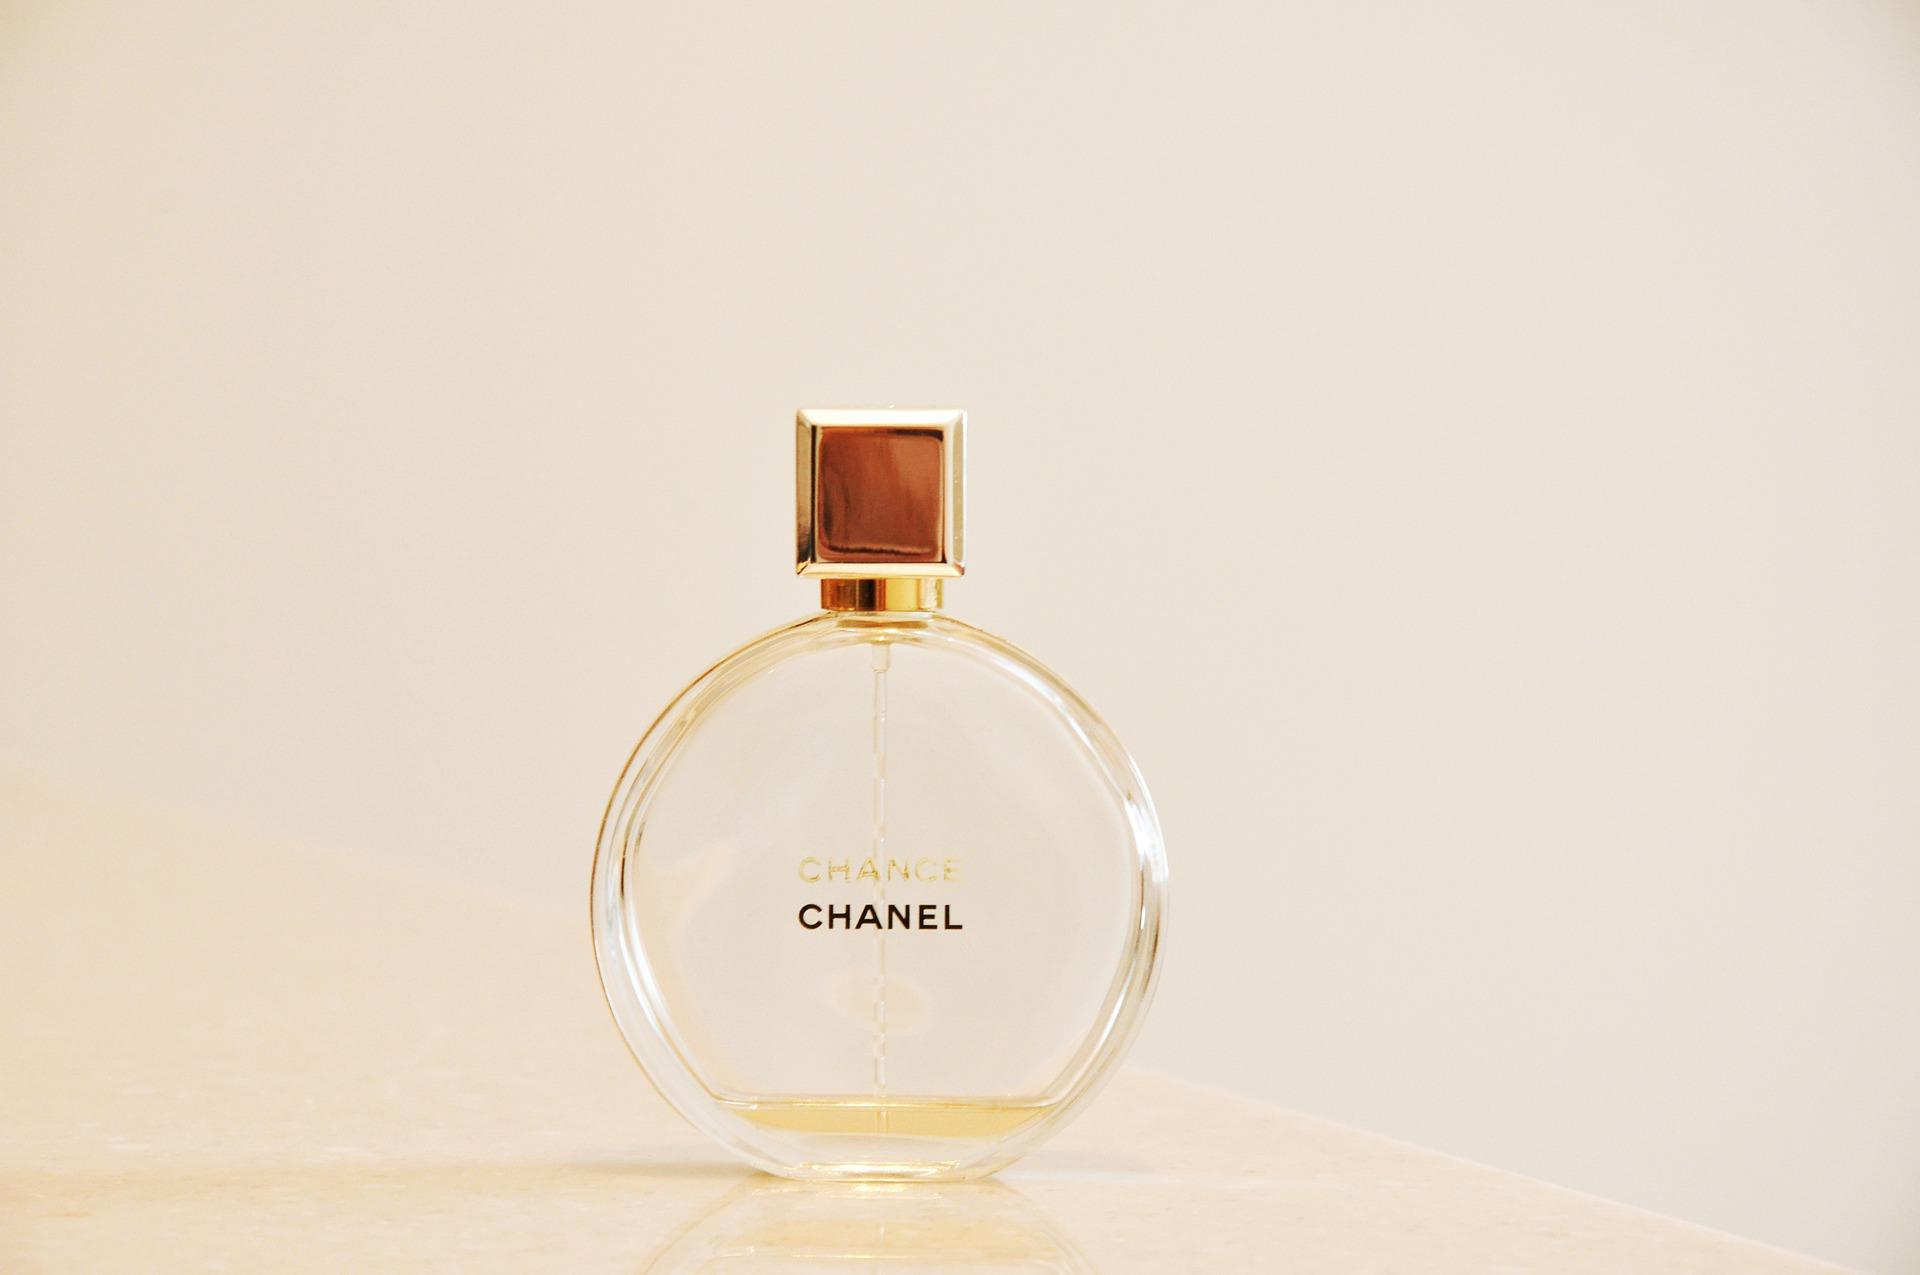 chanel-3137307_1920.jpg